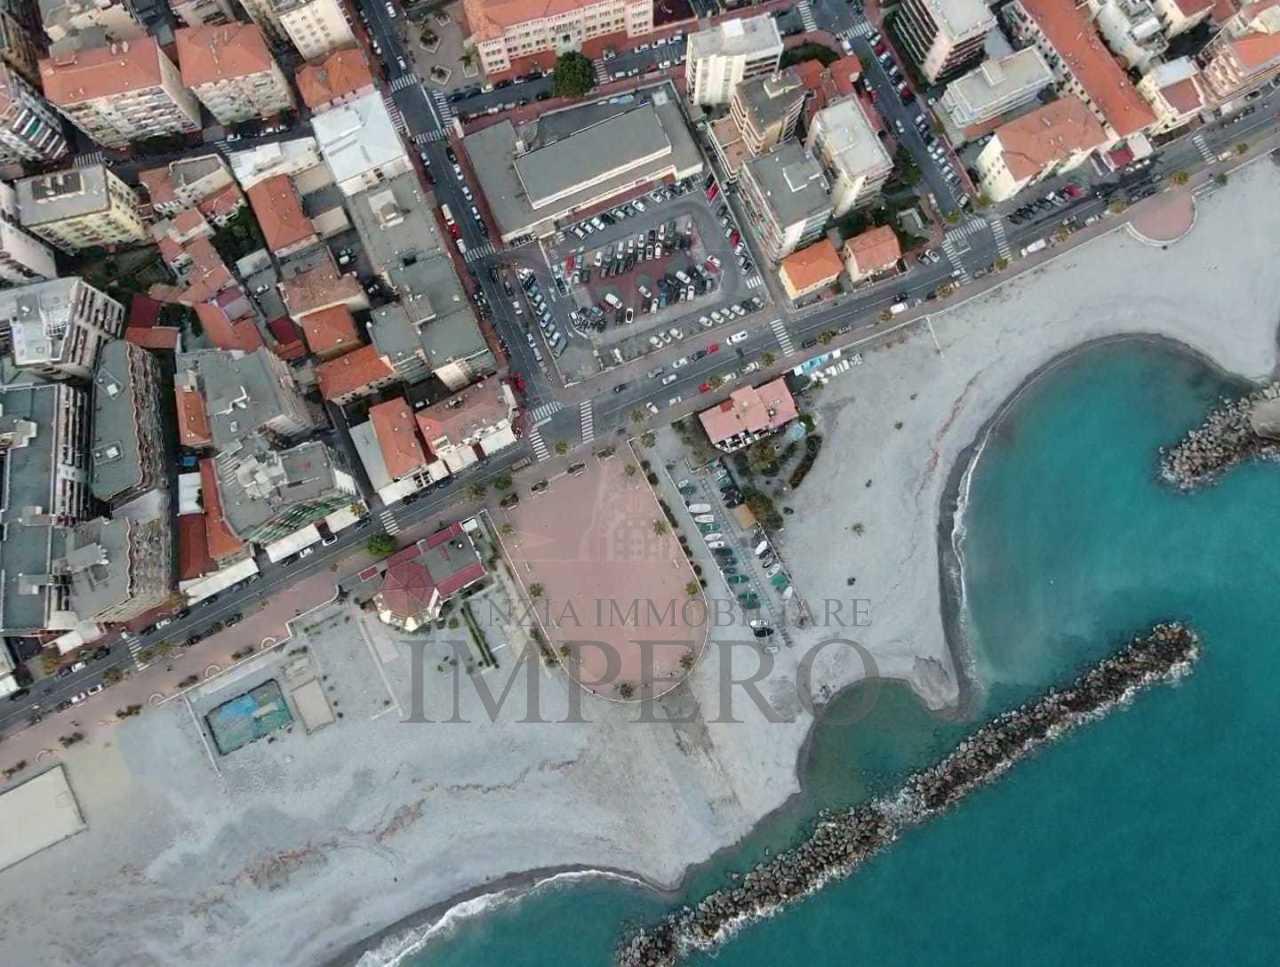 Villa a Passeggiata Mare, Ventimiglia